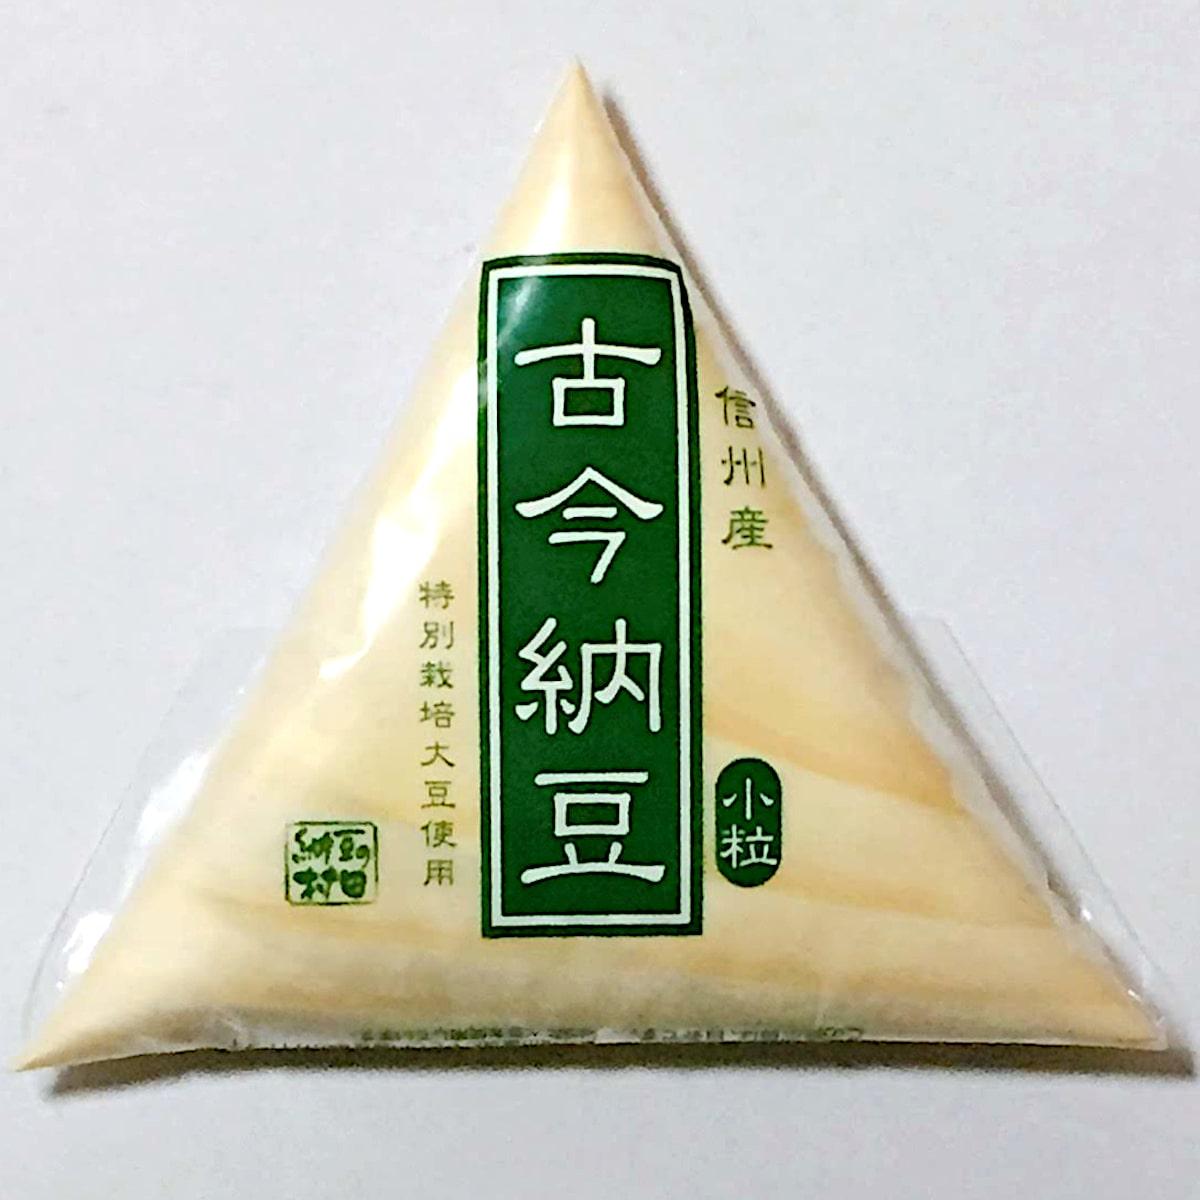 村田商店「古今納豆」